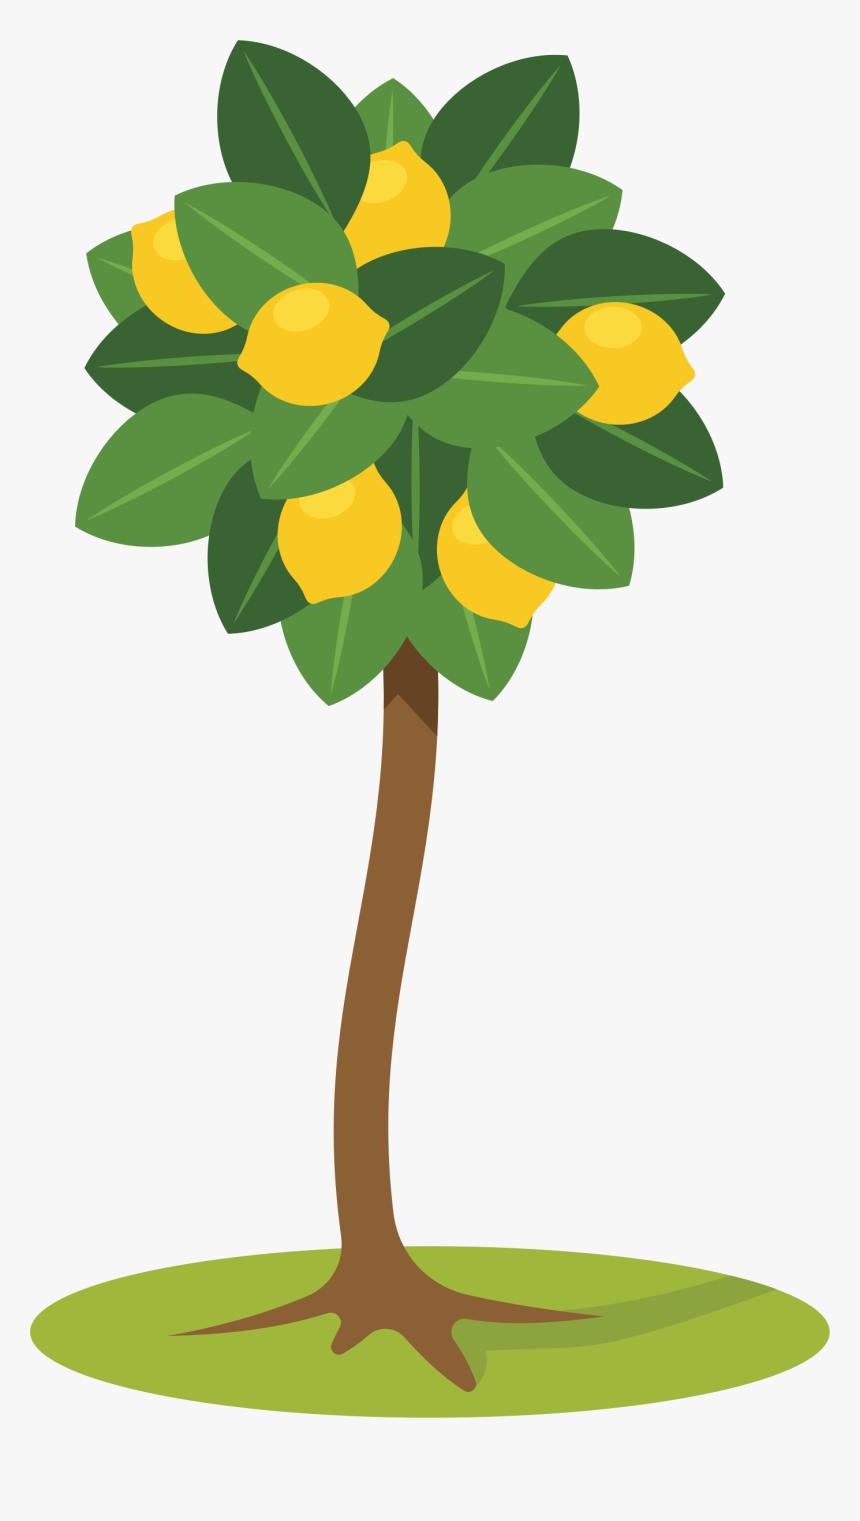 расскажем, картинка лимонное дерево распечатать друг, чего тебе